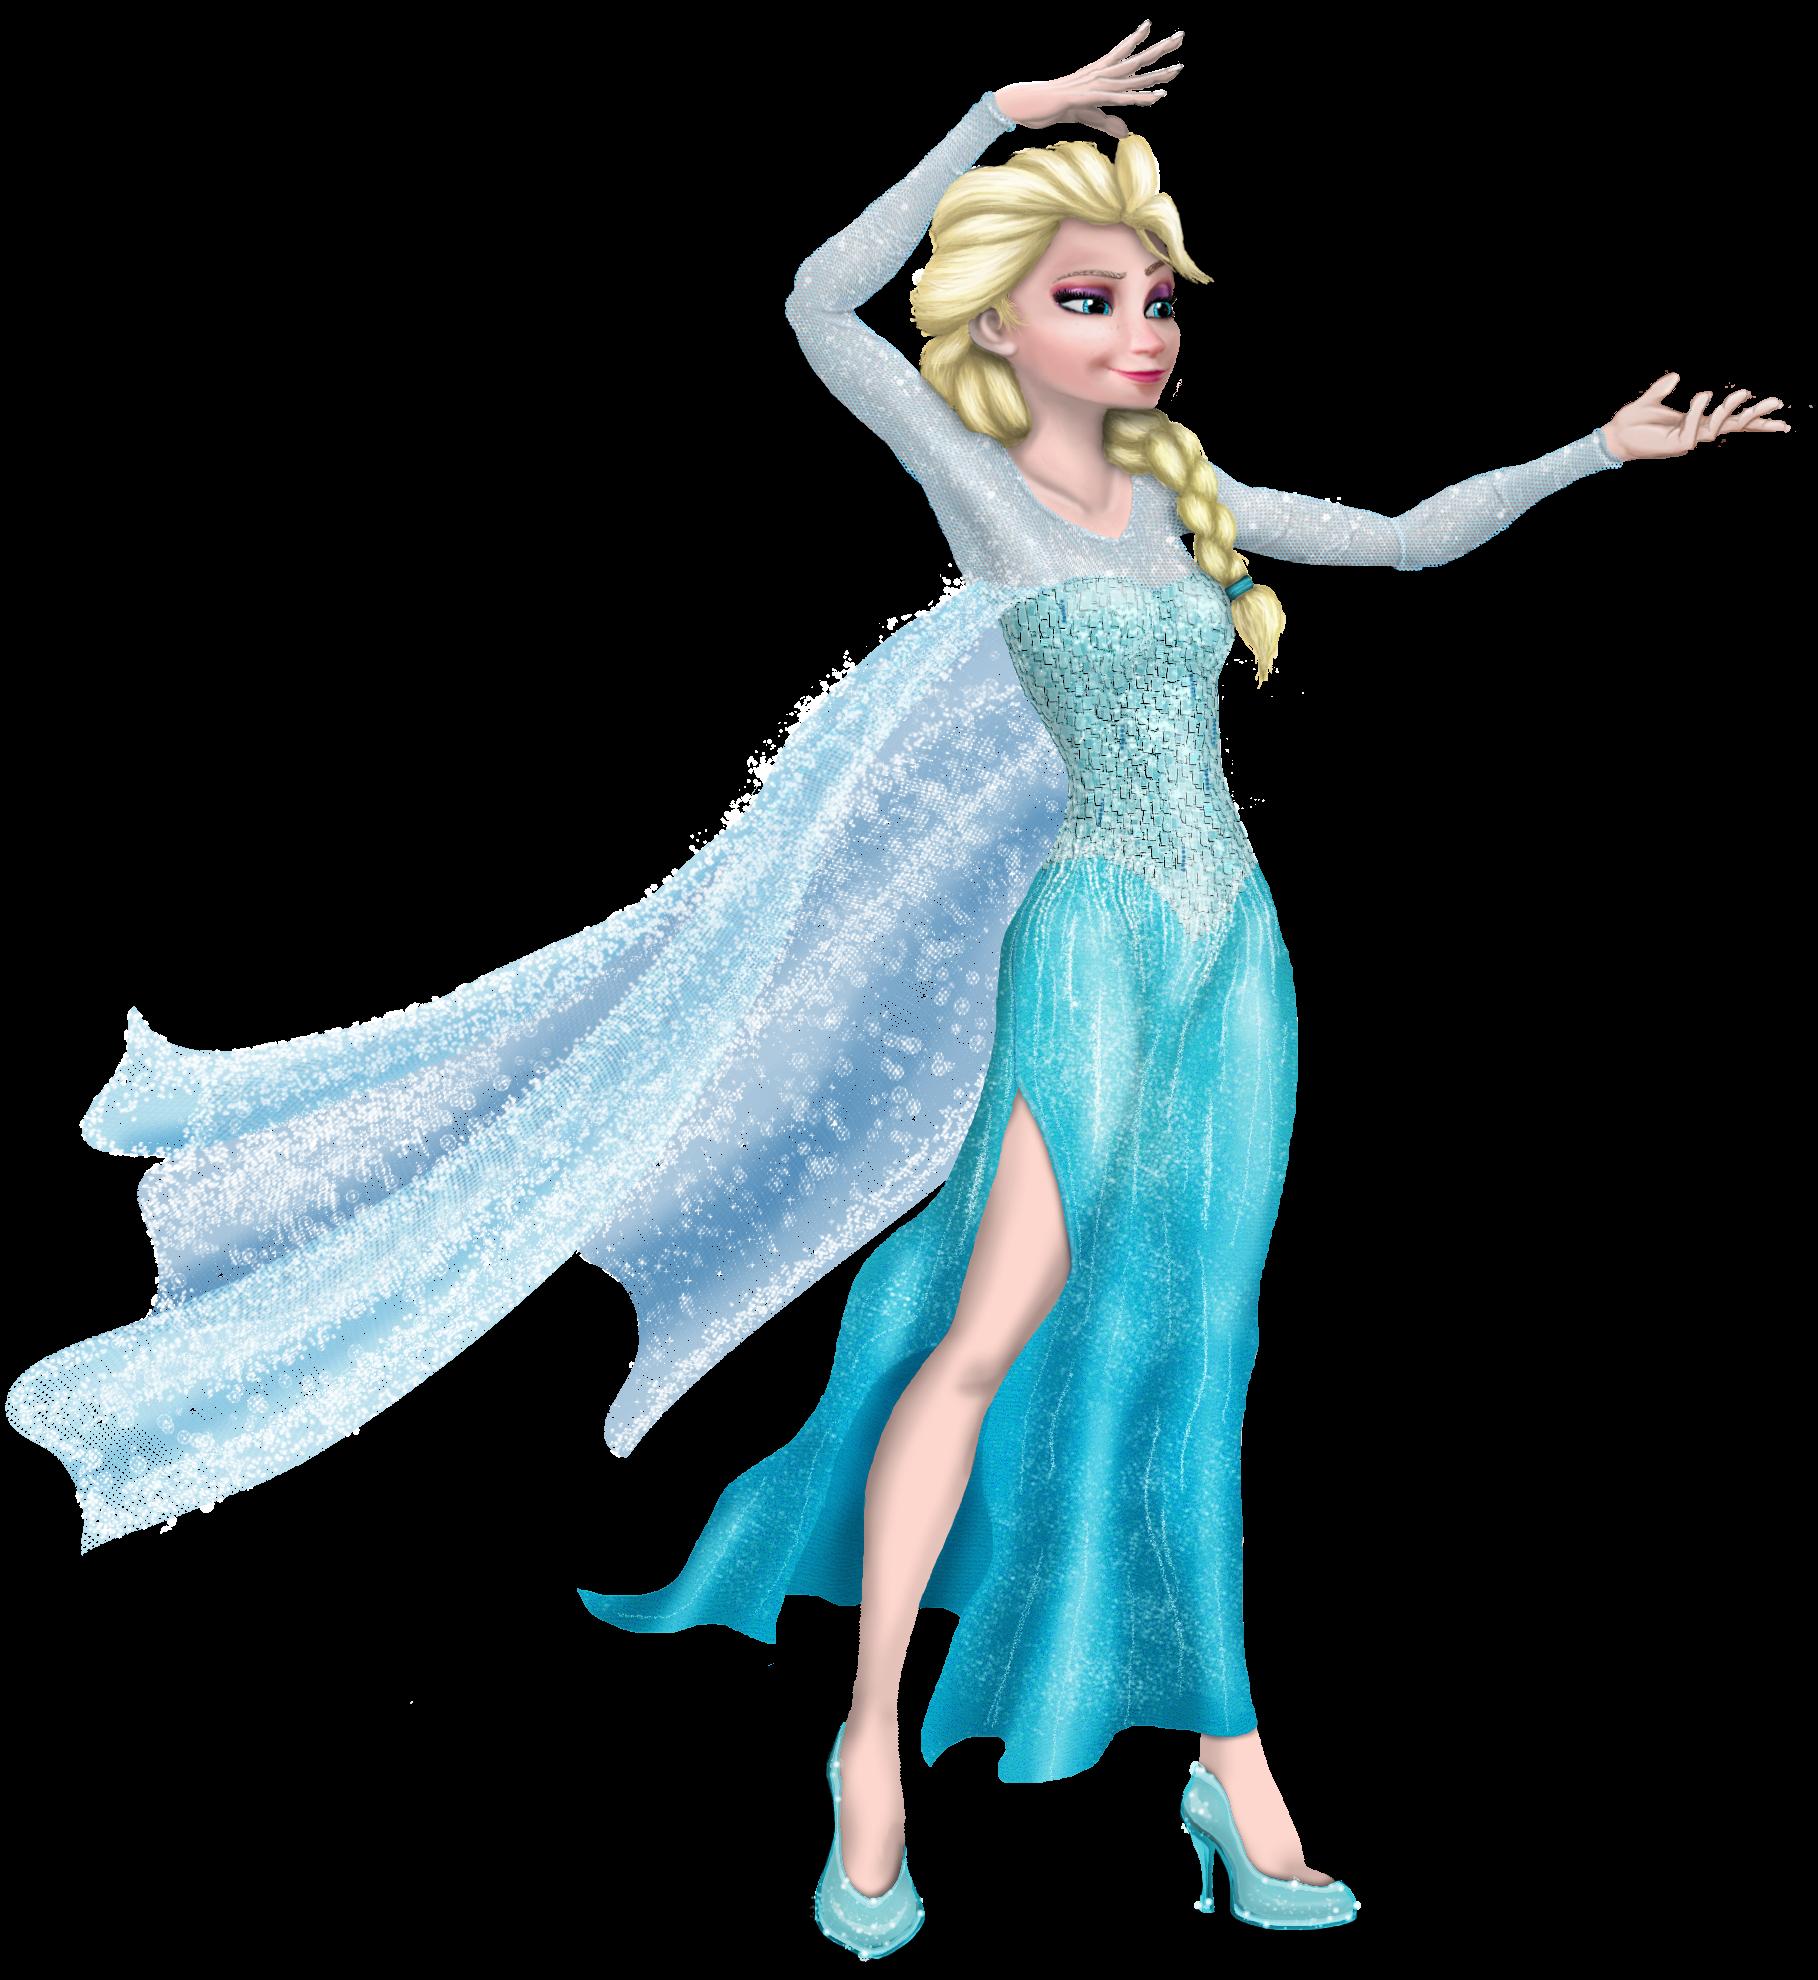 Elsa From Frozen By Jdmann79